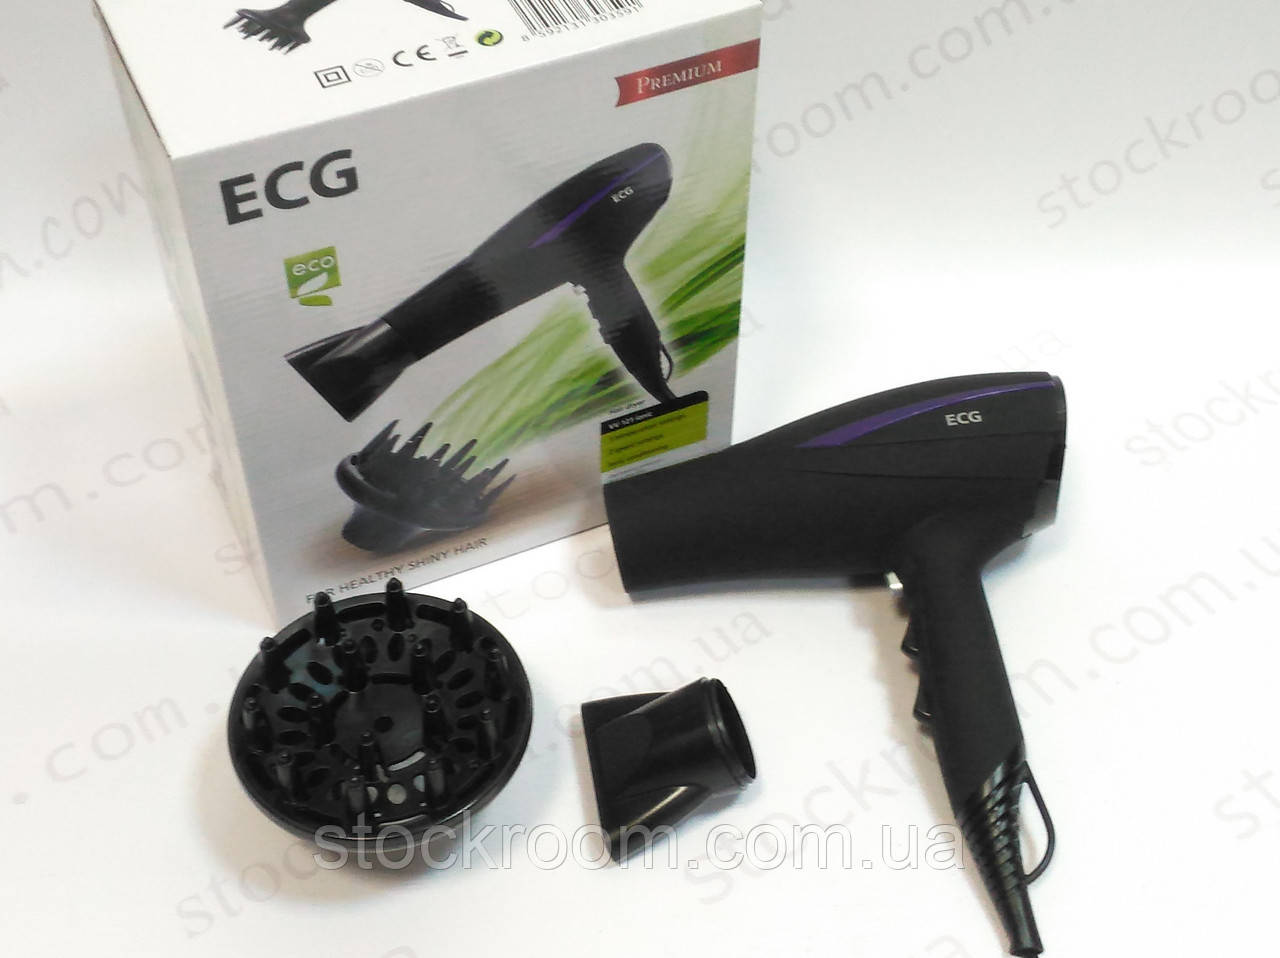 Фен для волос с ионизацией ECG VV 121